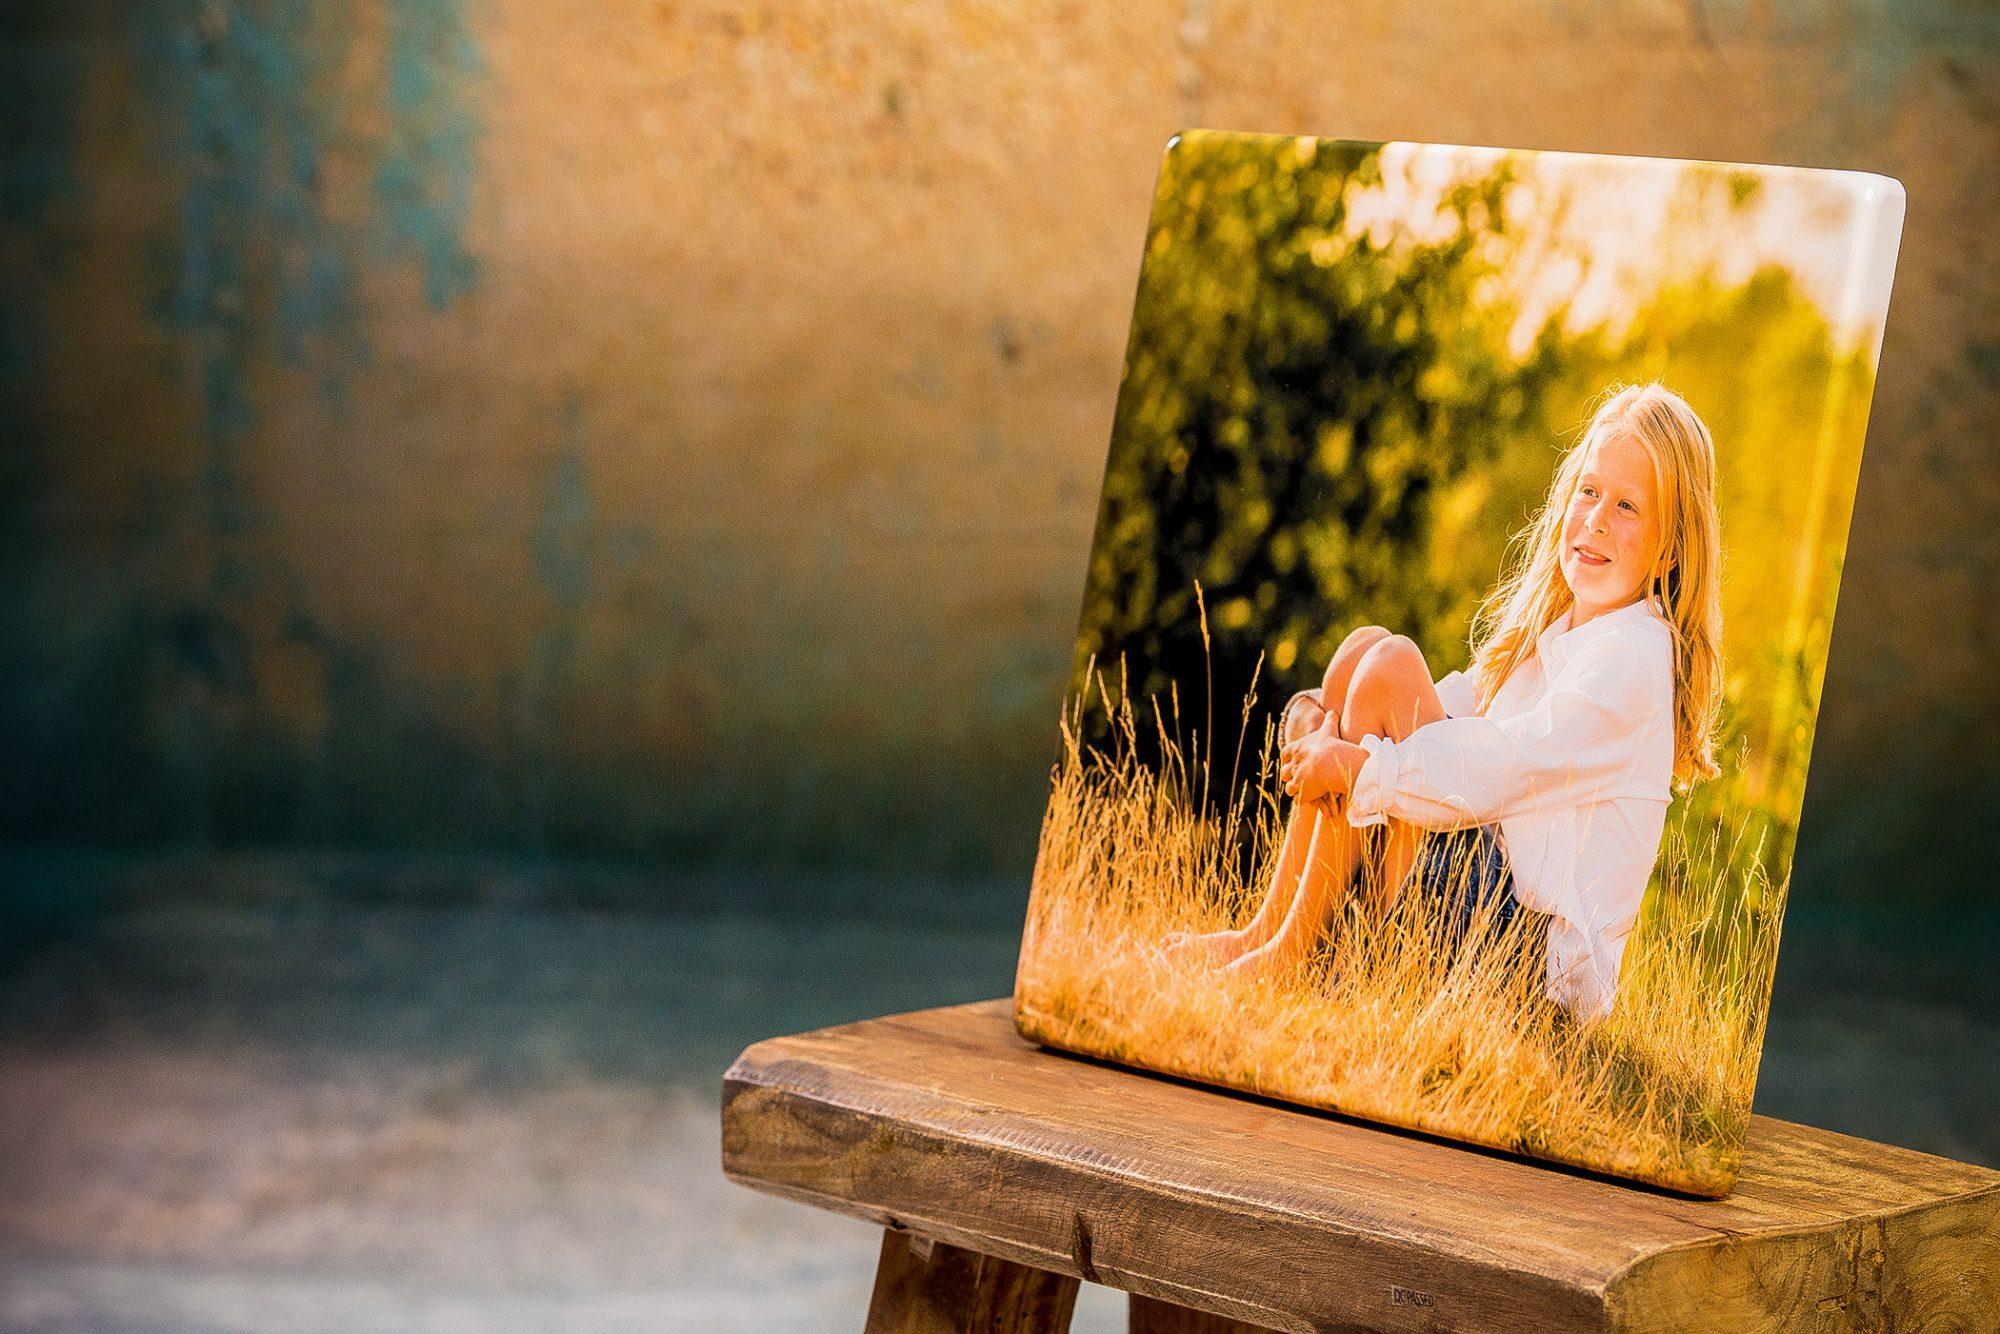 uniek fotoproduct portretfotografie, groepsfoto, fotograaf, Wouter van Middendorp, omgeving Uddel, Elspeet, Garderen, Putten, Ermelo, Nieuw-Milligen, Vierhouten, Nunspeet, trouwfotografie, bruidsfotografie, Veluwe, Barneveld, Kesteren, Achterberg, professionele fotograaf